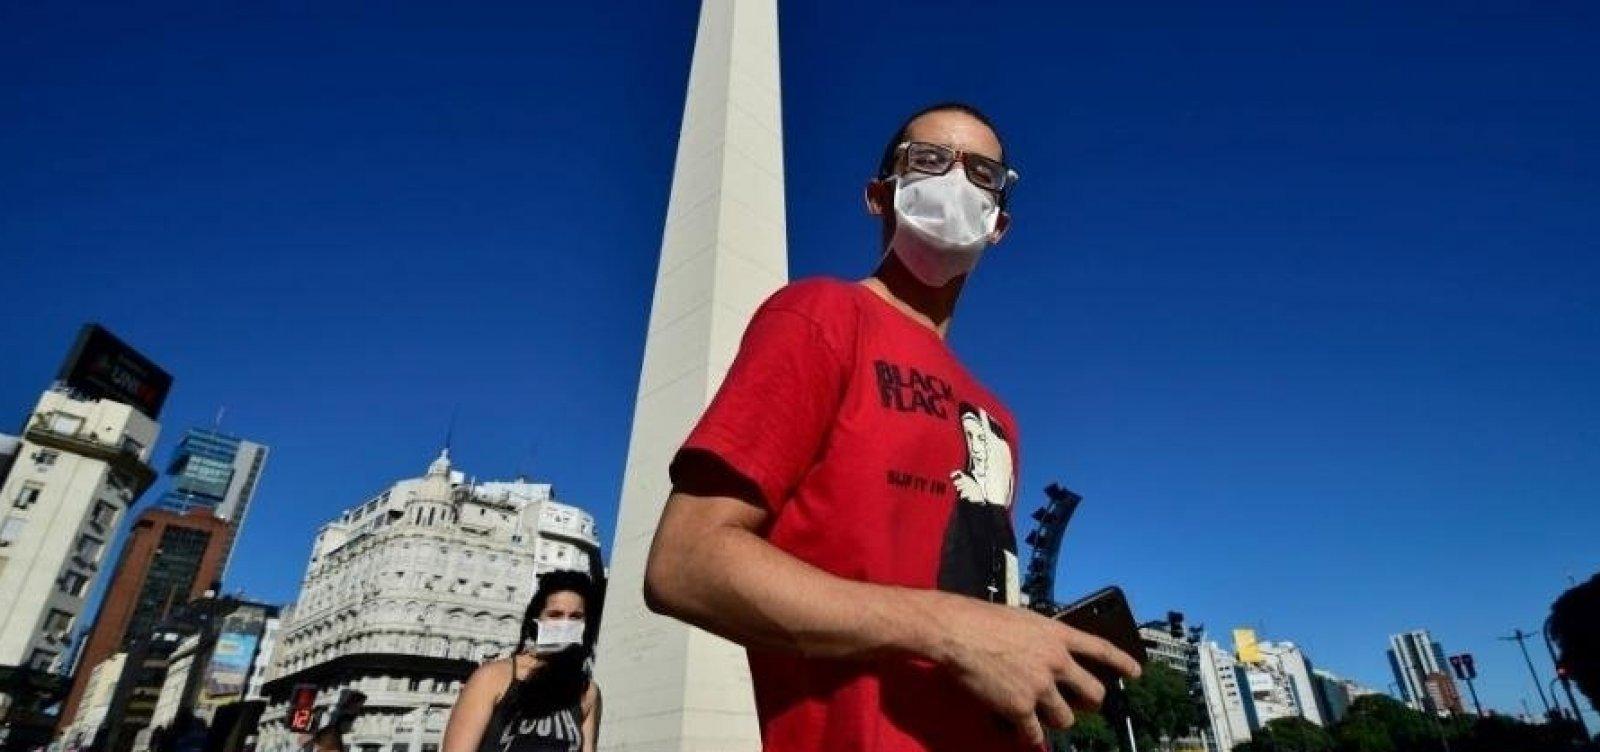 [Argentina prorroga lockdown até 7 de junho e endurece medidas em Buenos Aires]